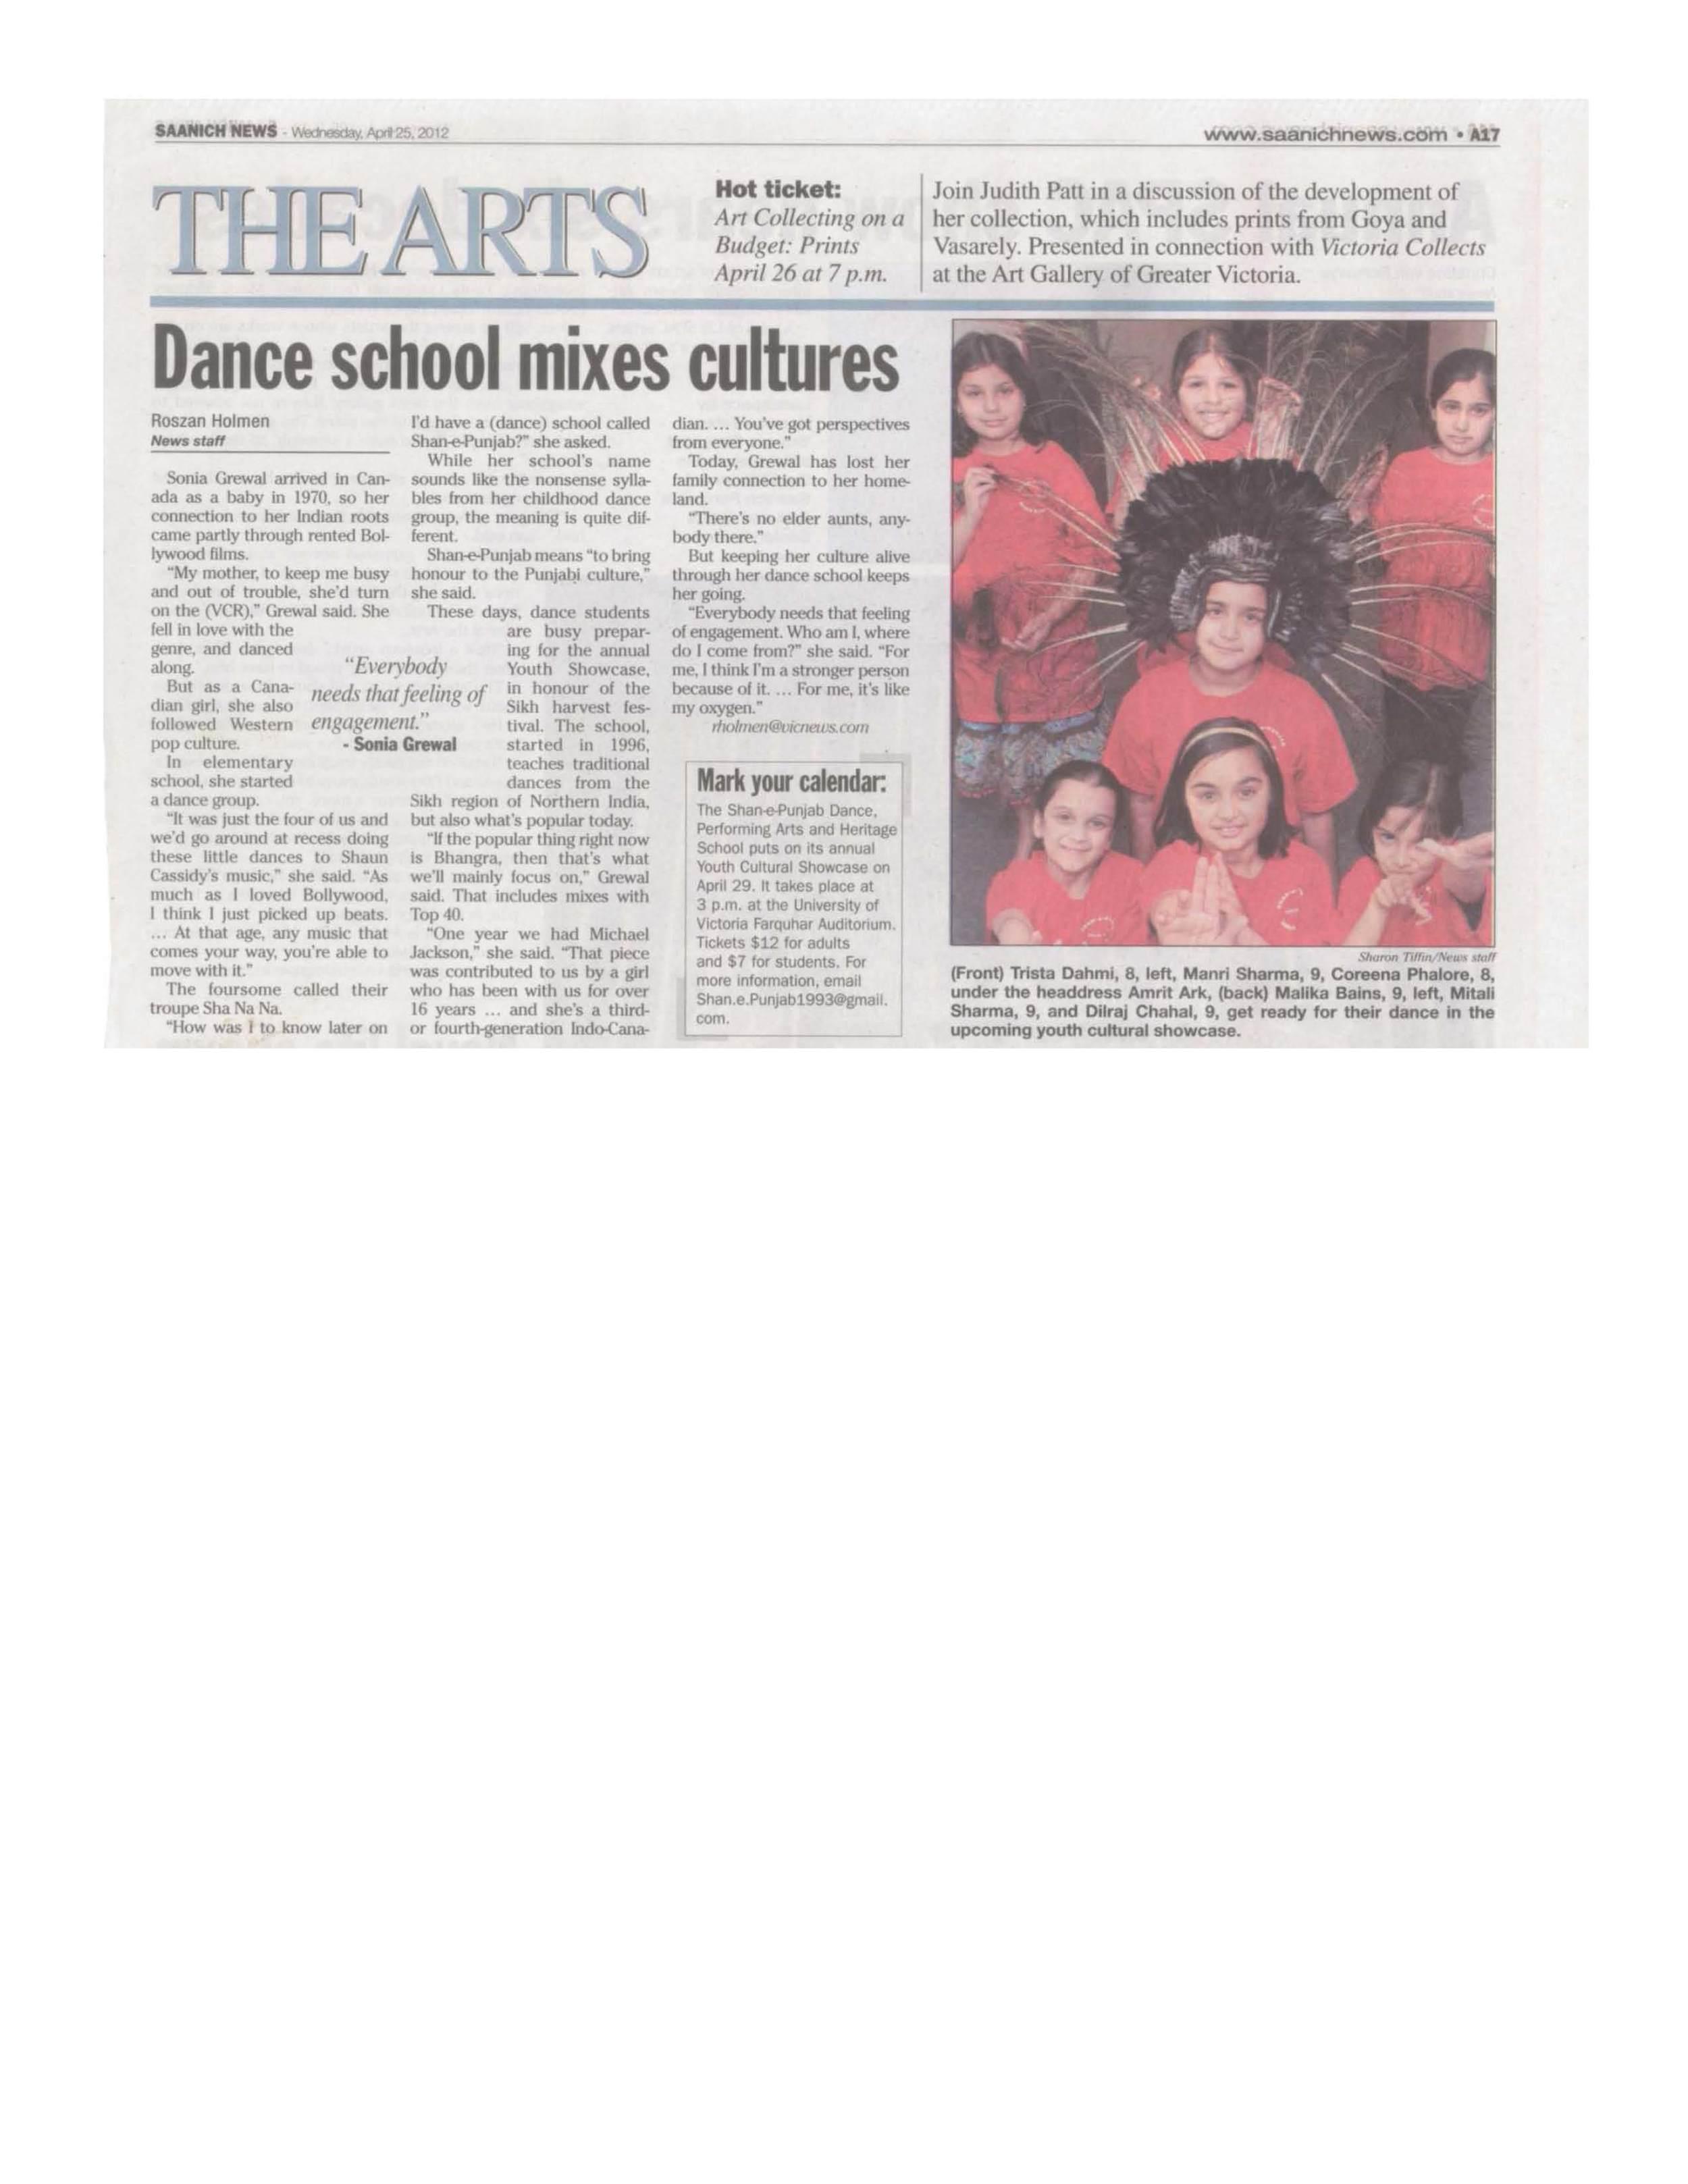 2012_Dance_school_mixes_cultures.jpg